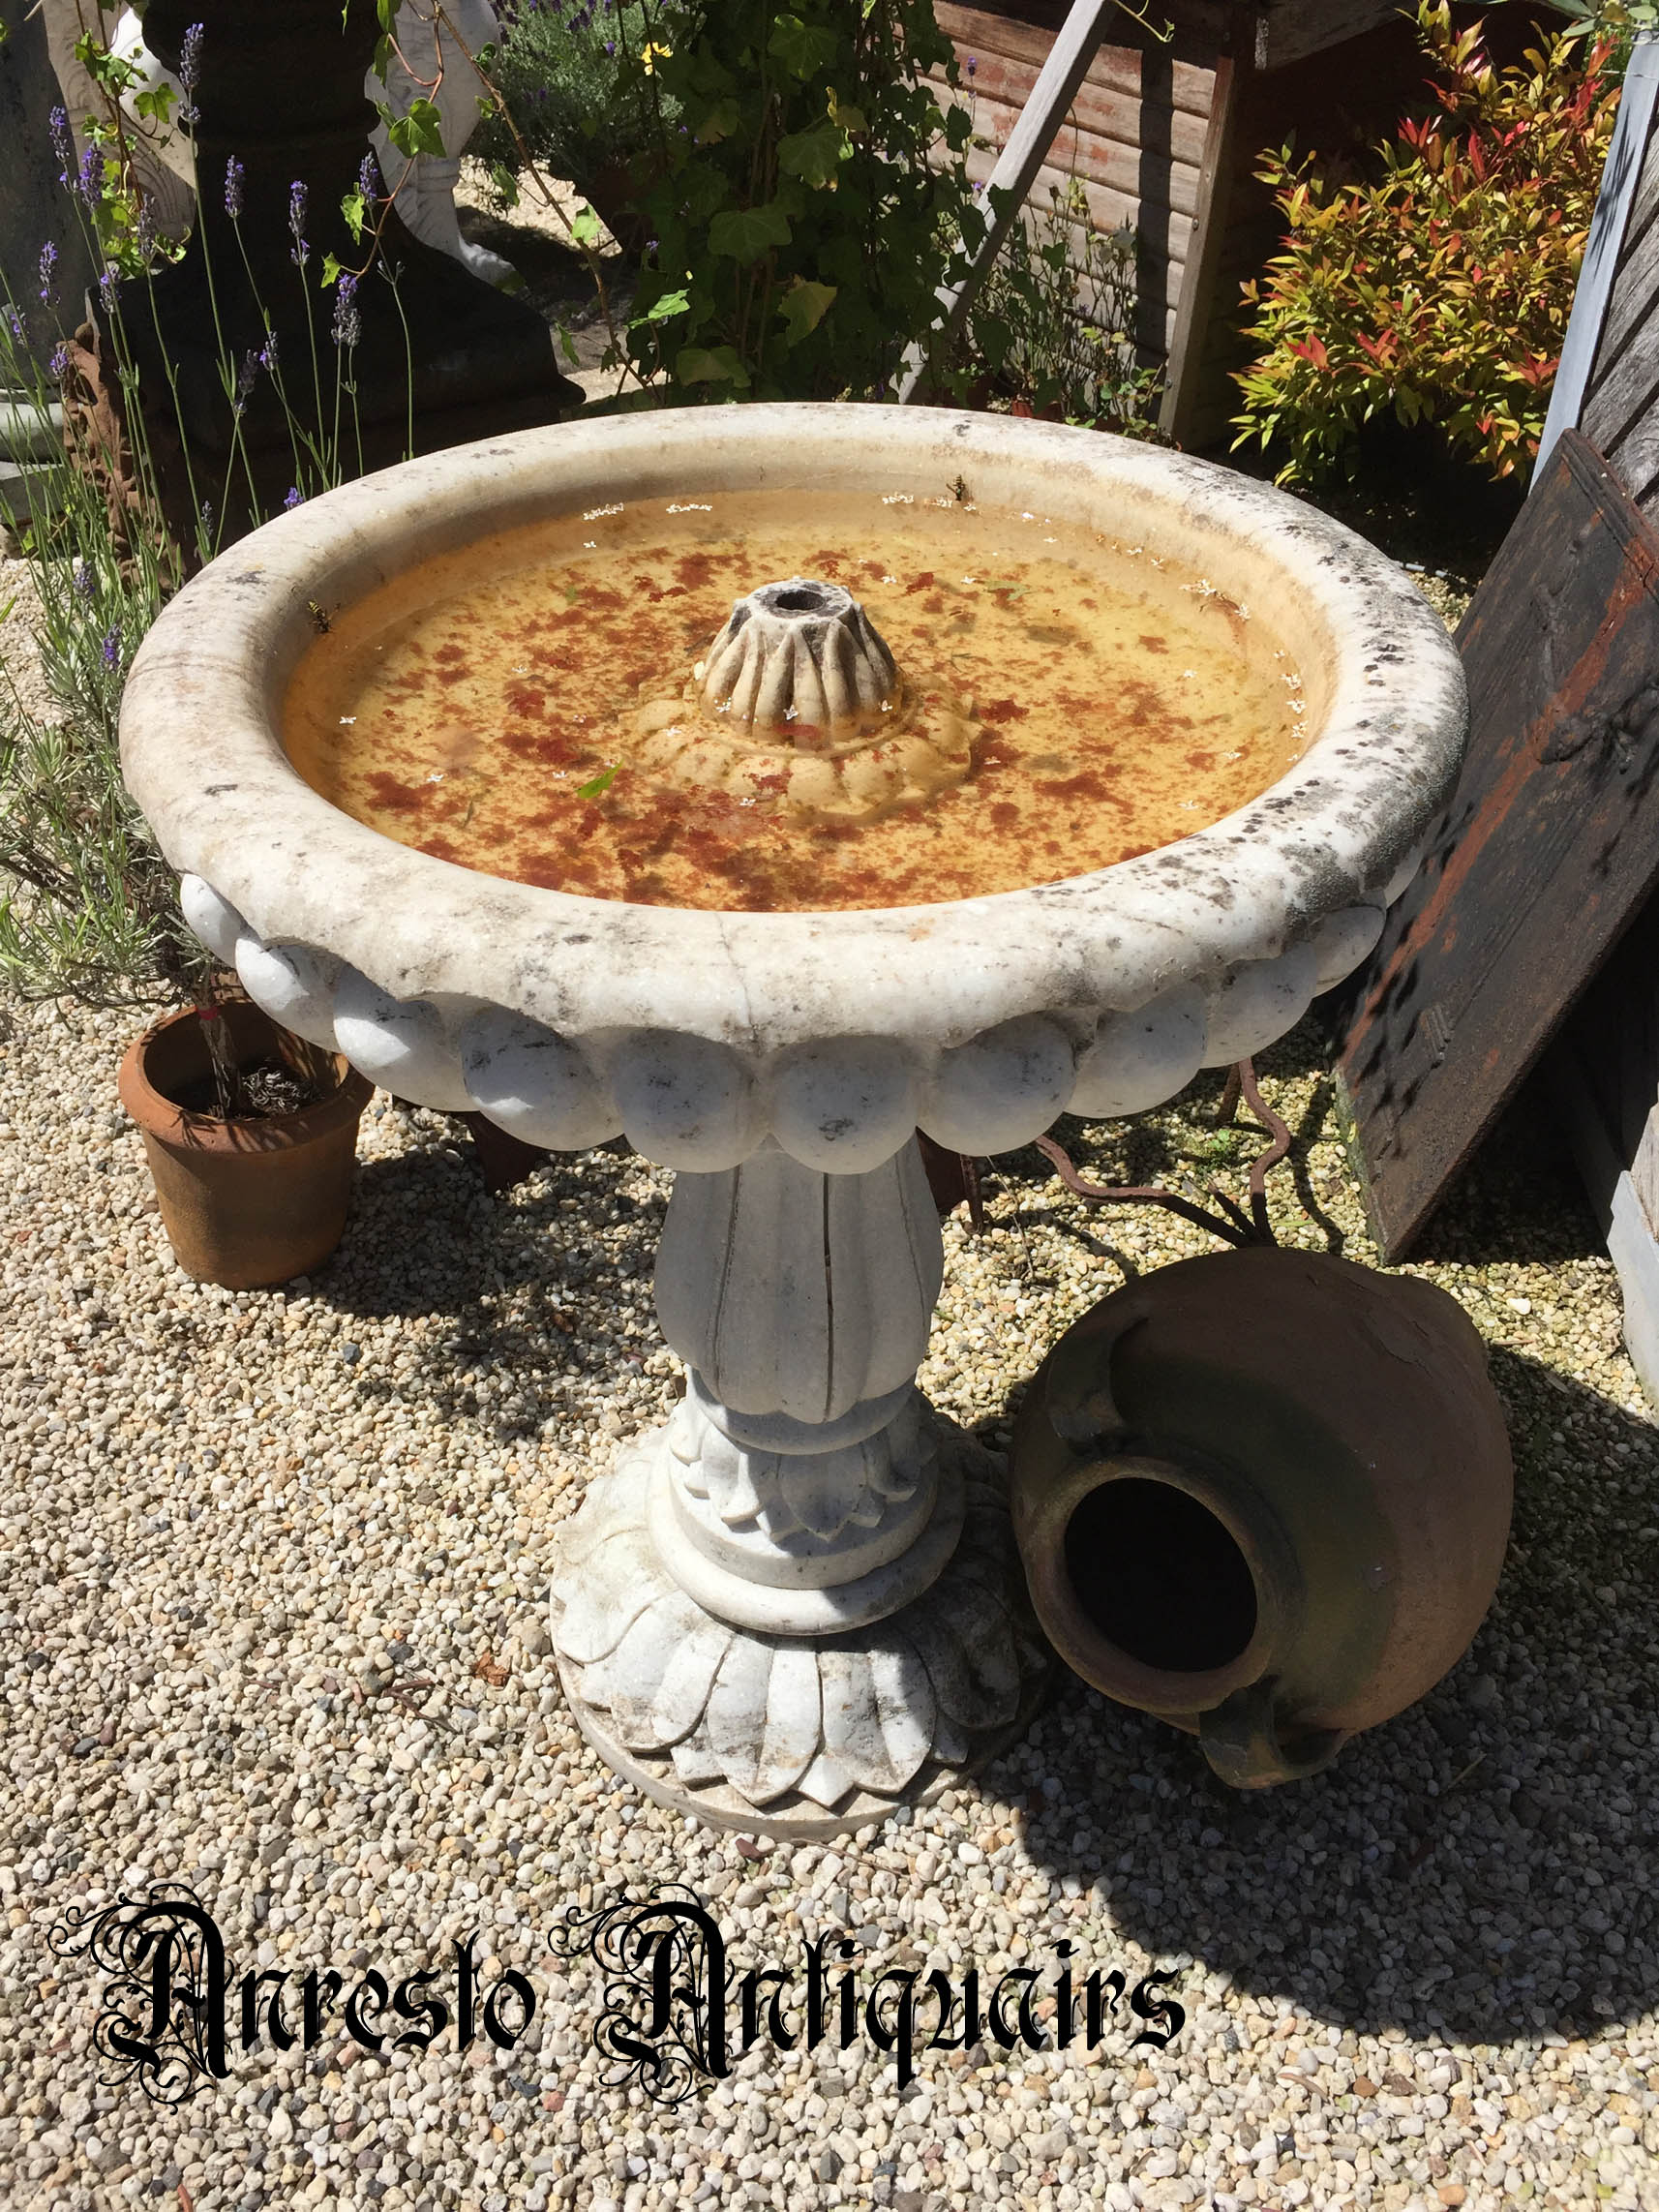 Ref. 10 – Antieke tuinfontein, oude tuinfonteinen